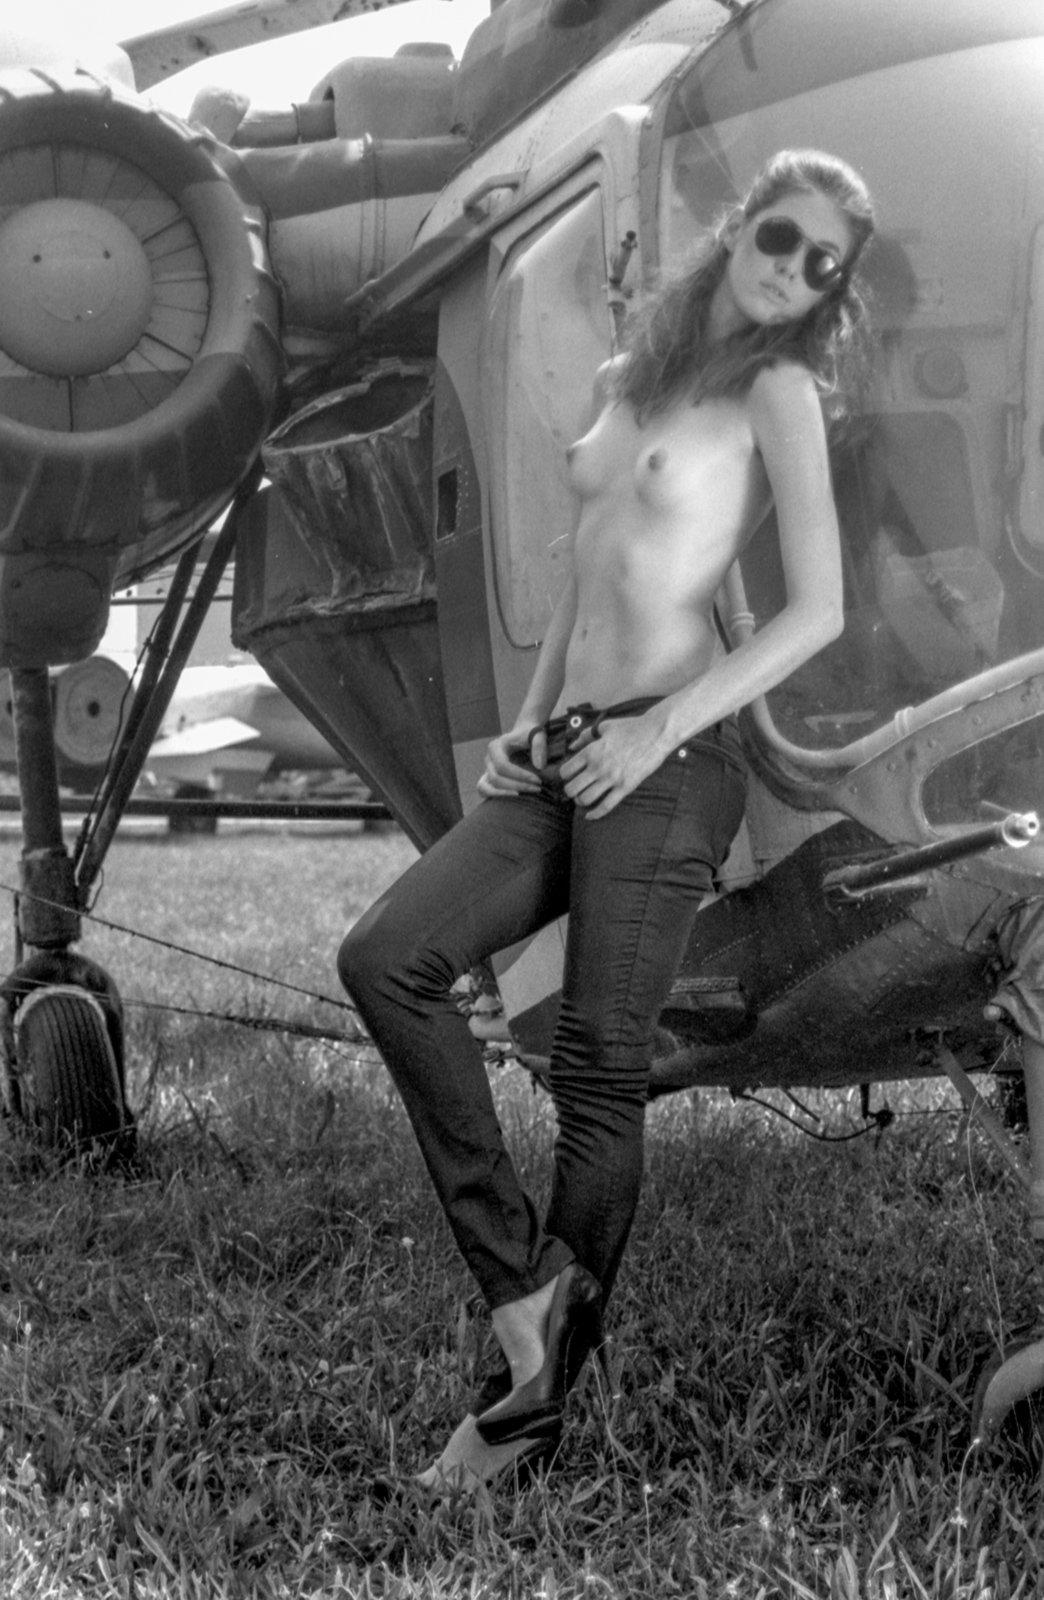 пилот, летное поле, девушка, ню, вертолет, самолет, женский портрет, женщина, секси, nude, pilot, female, portrait, film,ilford pan f, retro, jet, airfield, Дмитрий Толоконов